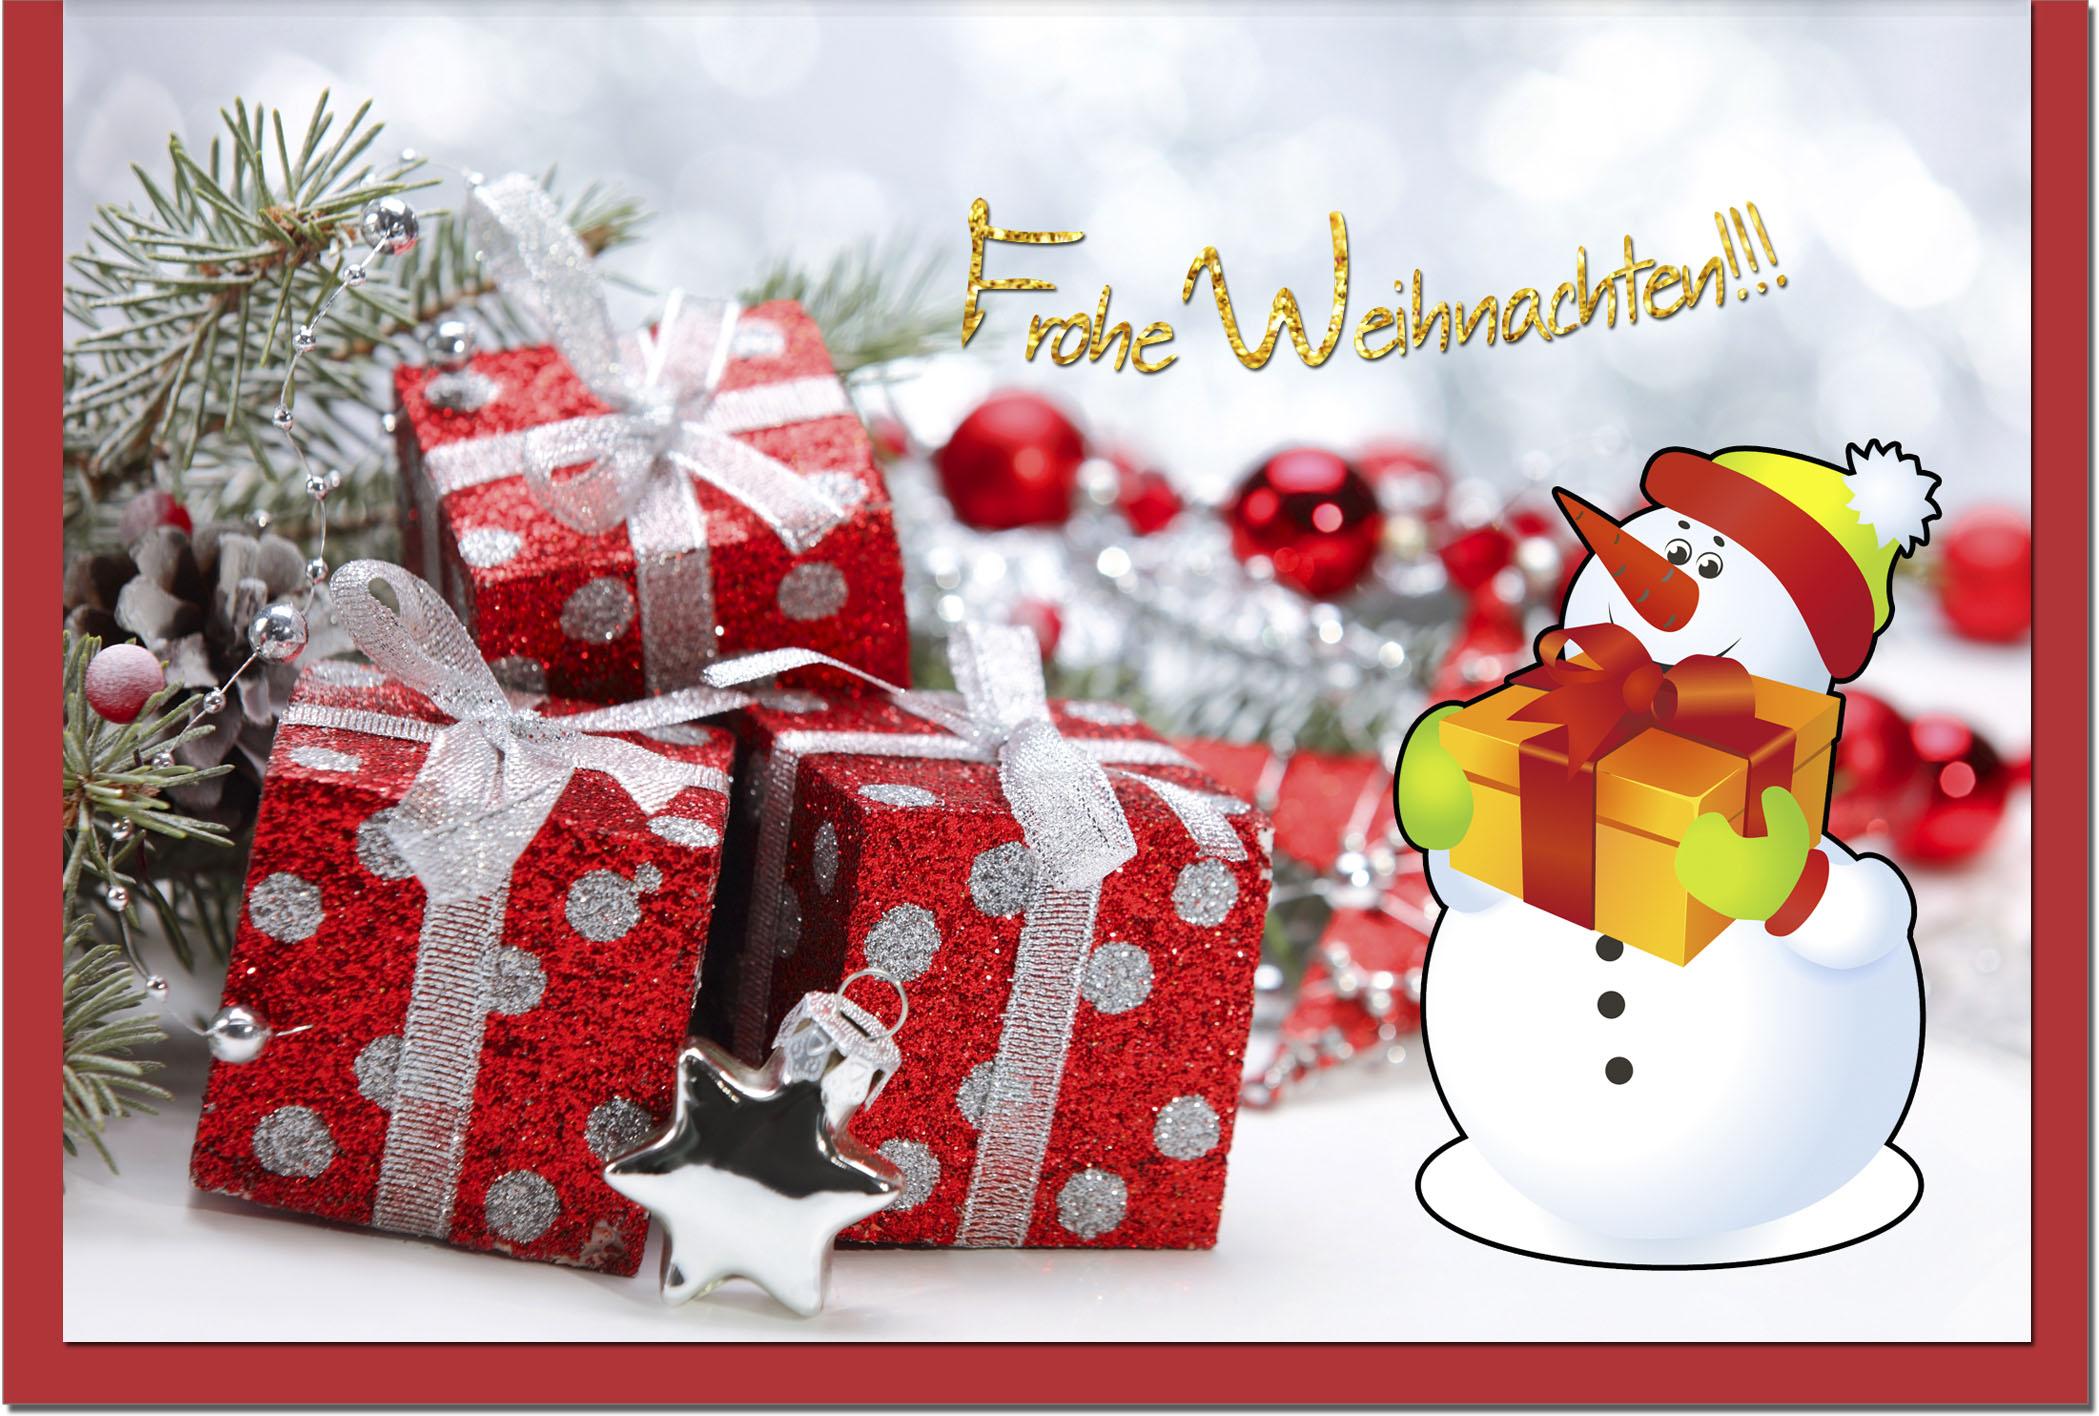 Weihnachtskarten / Grußkarten /Weihnachten Schneemann